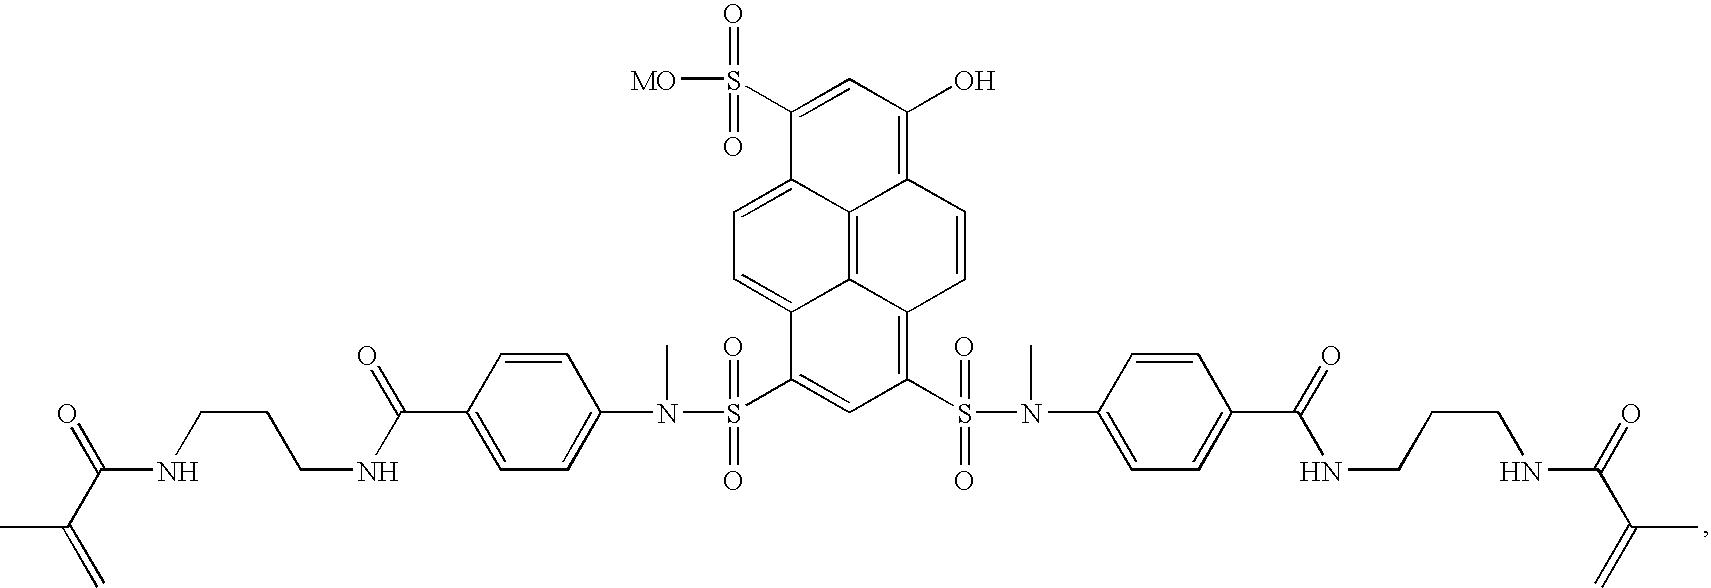 Figure US20090061528A1-20090305-C00037